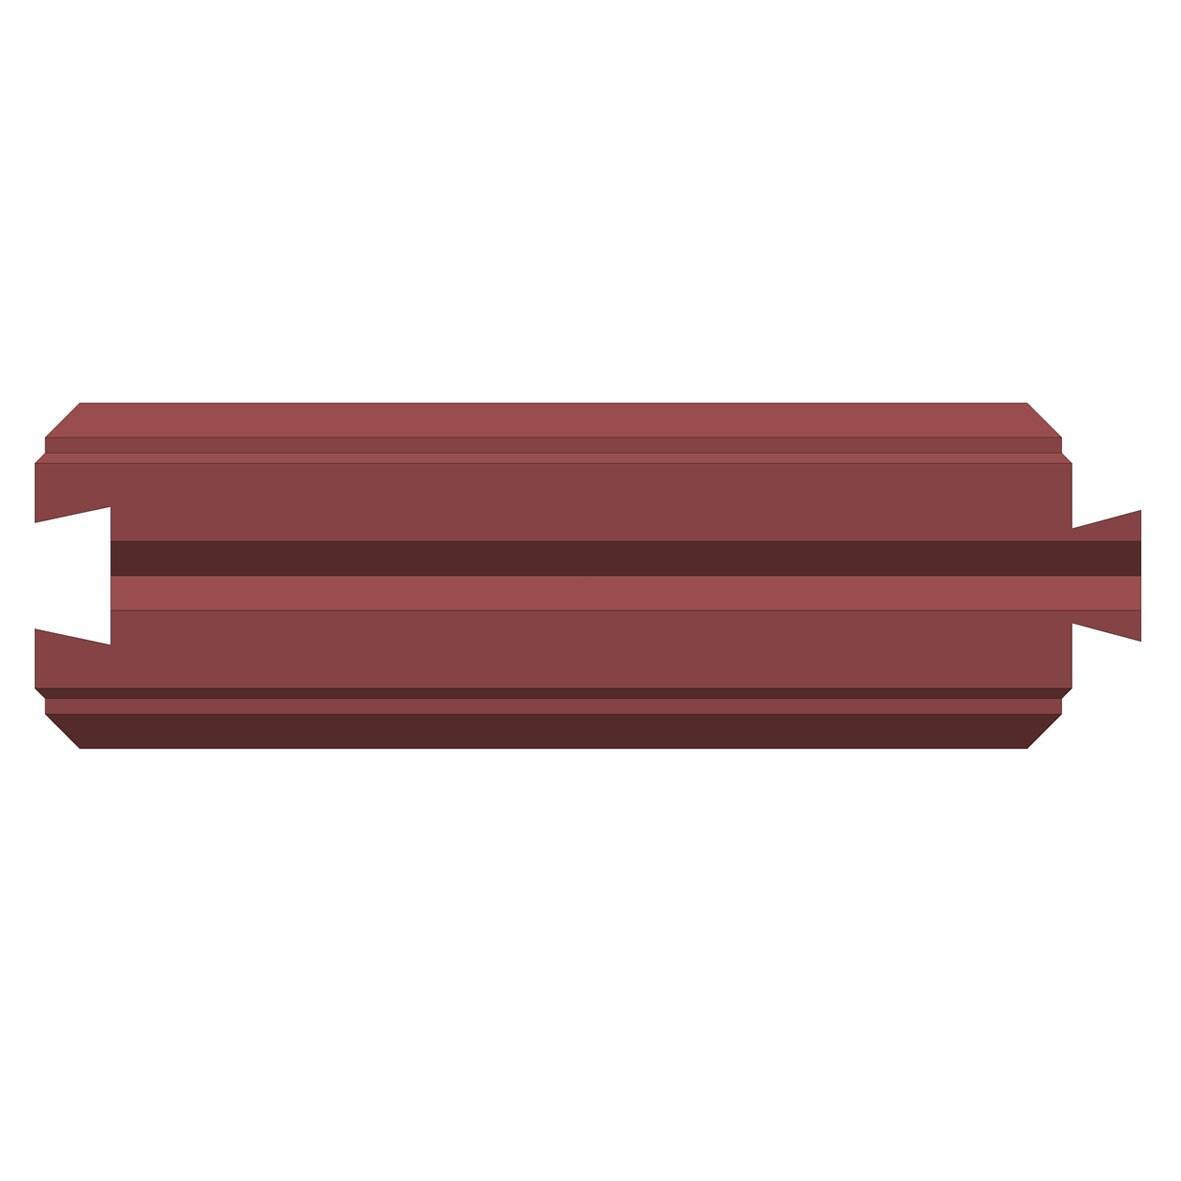 Бетонный блок Brick для забора рядовой вид с верху